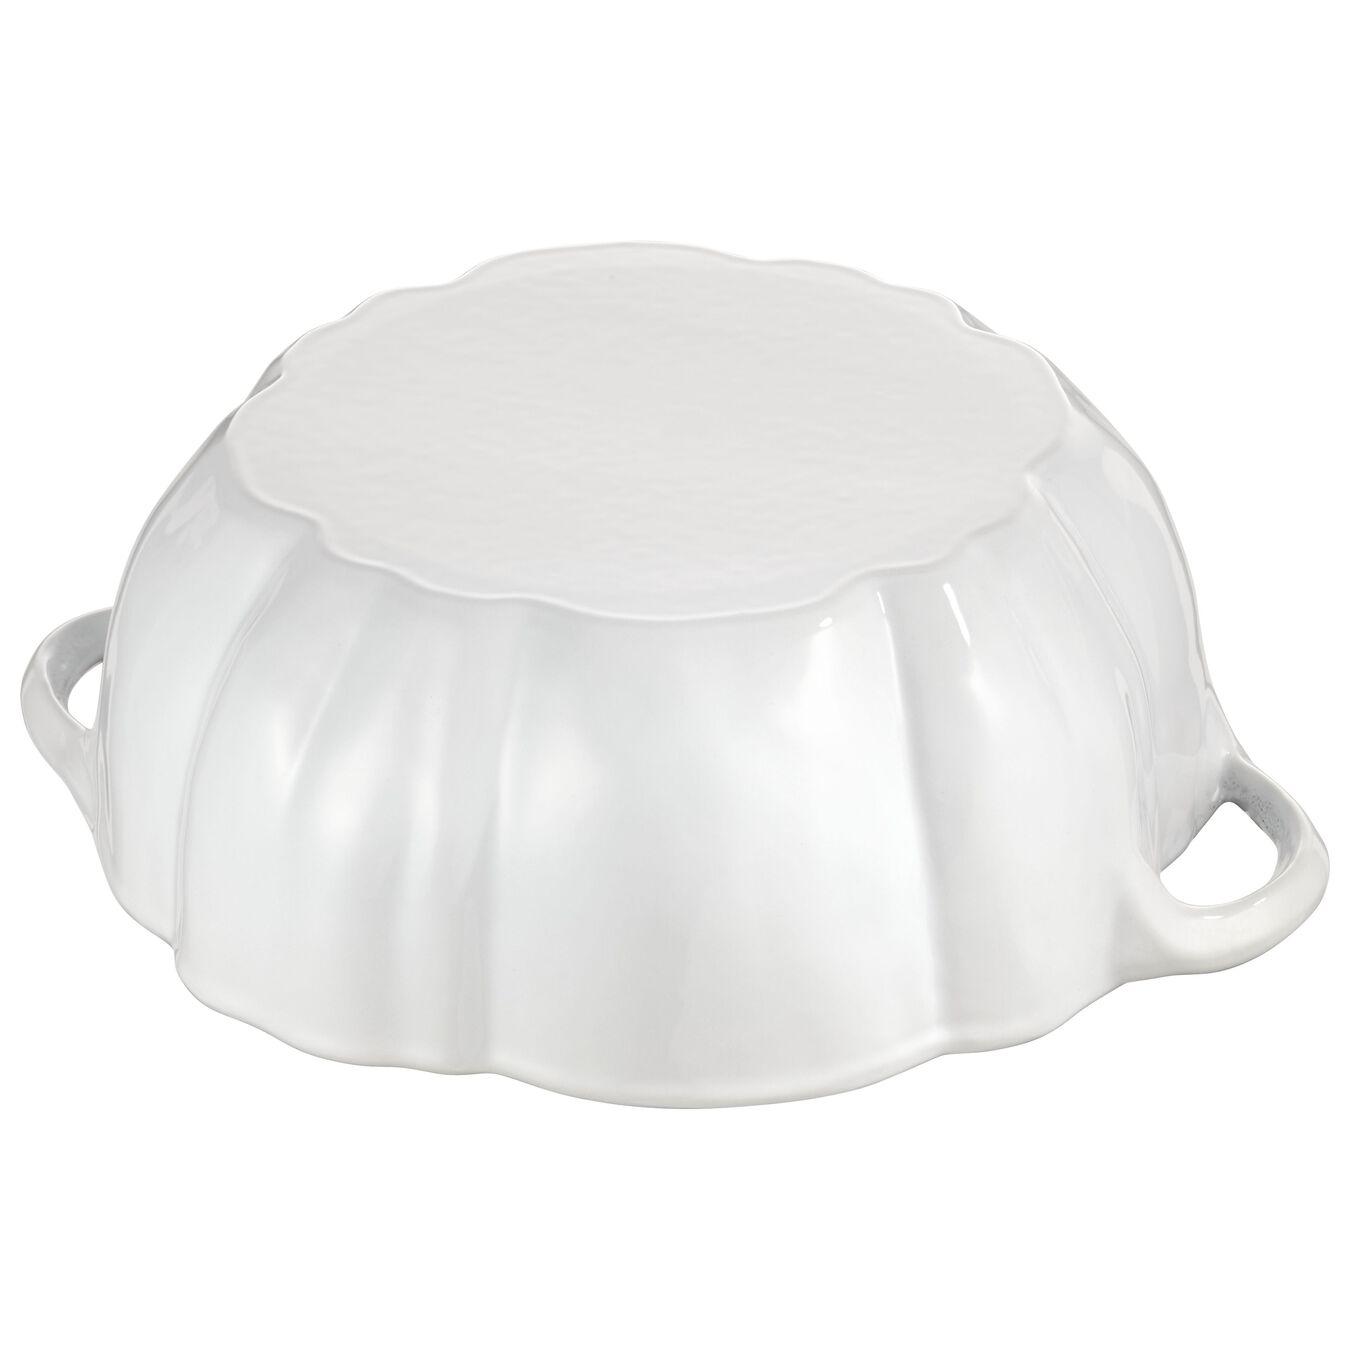 3.5-qt Pumpkin Cocotte - White,,large 5